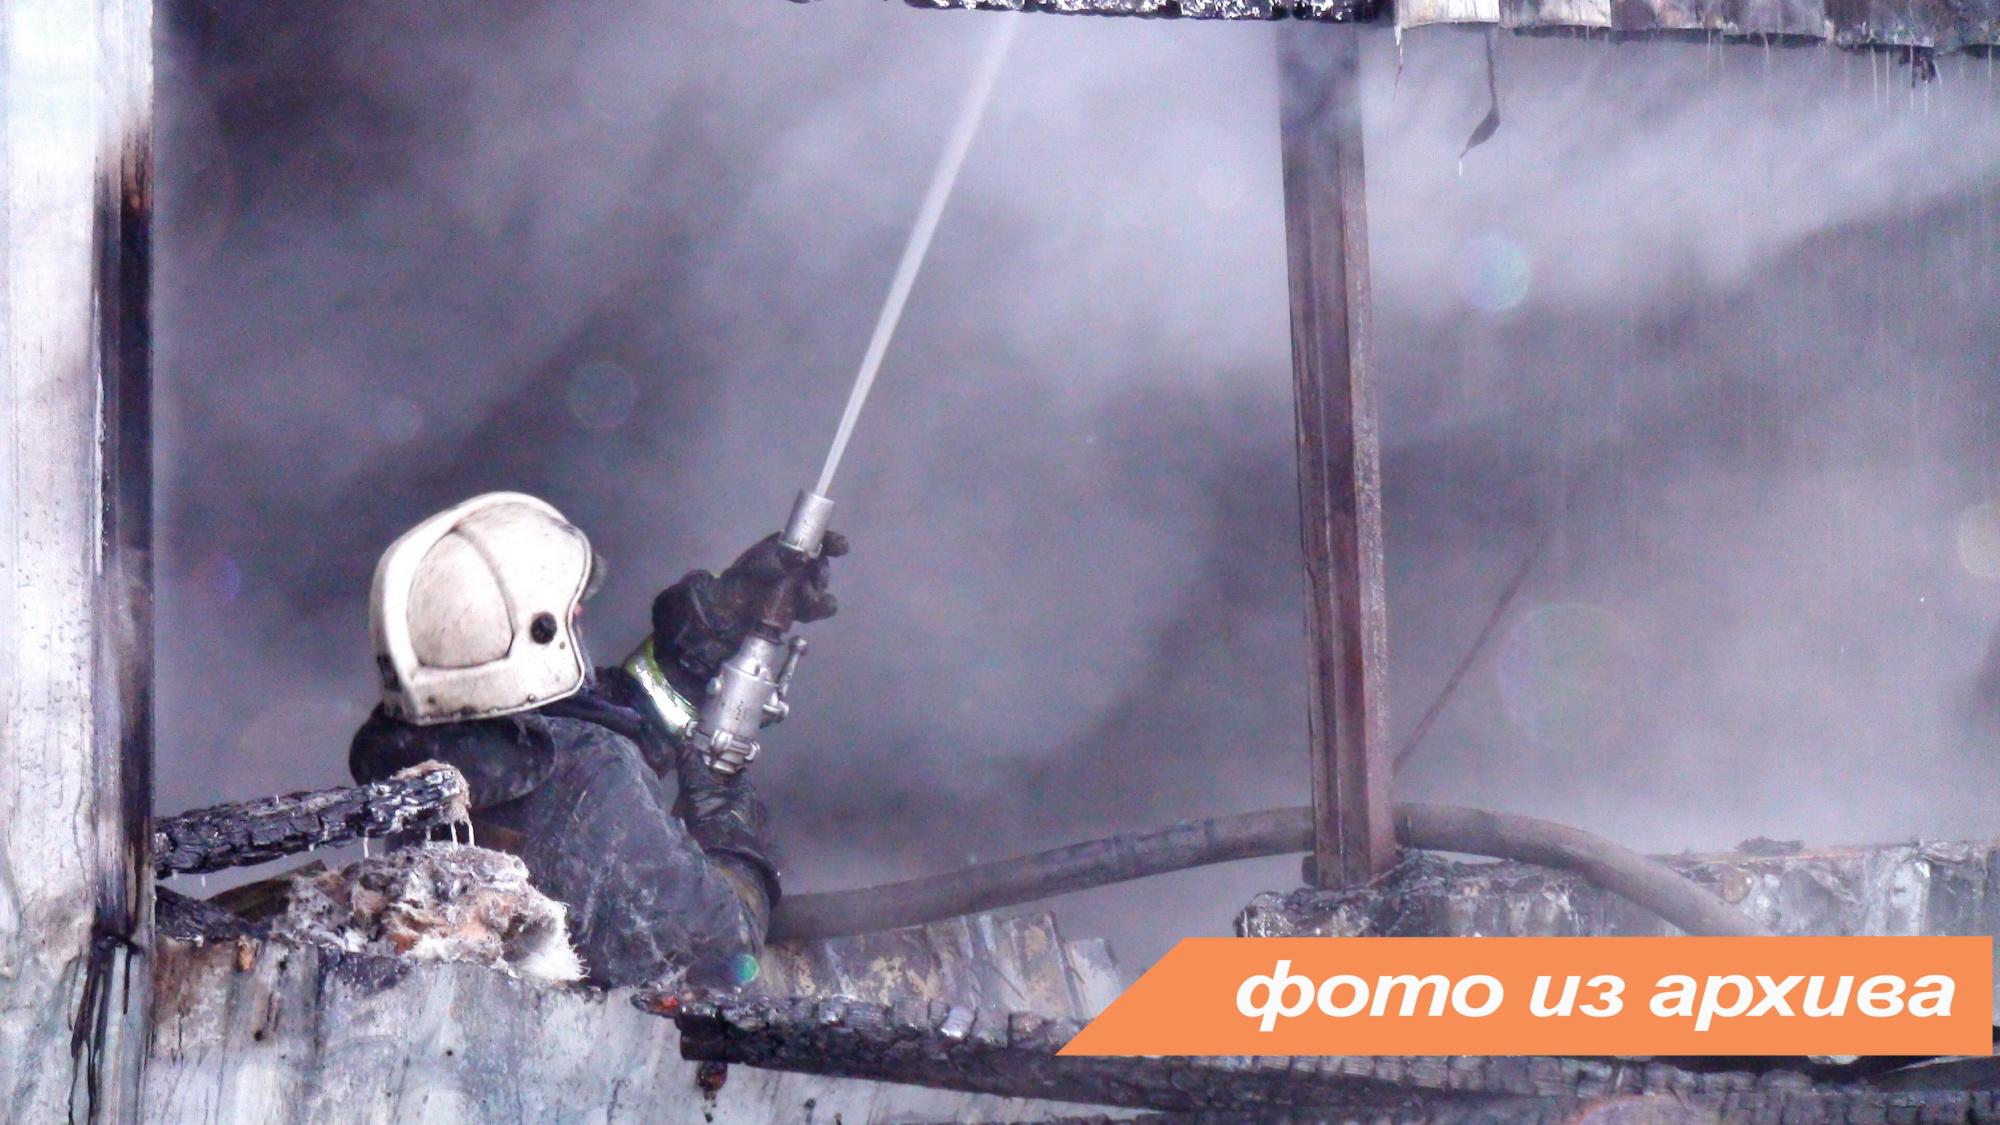 Пожарно-спасательные подразделения Ленинградской области ликвидировали пожар в Ломоносовском районе